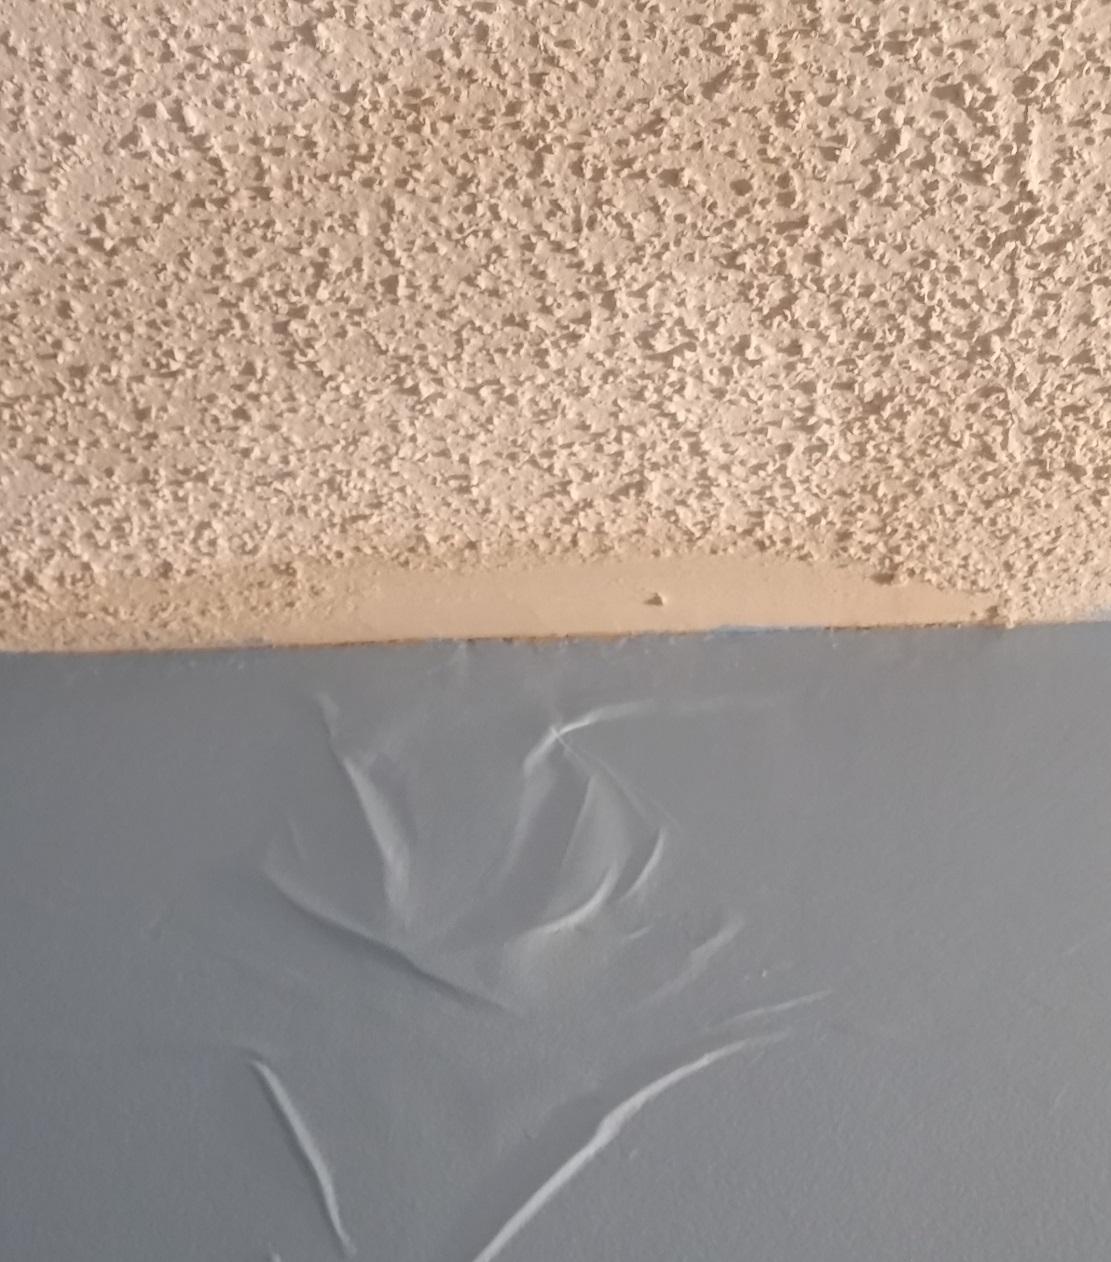 Neko Random: Photos: Ceiling Leak In Bathroom